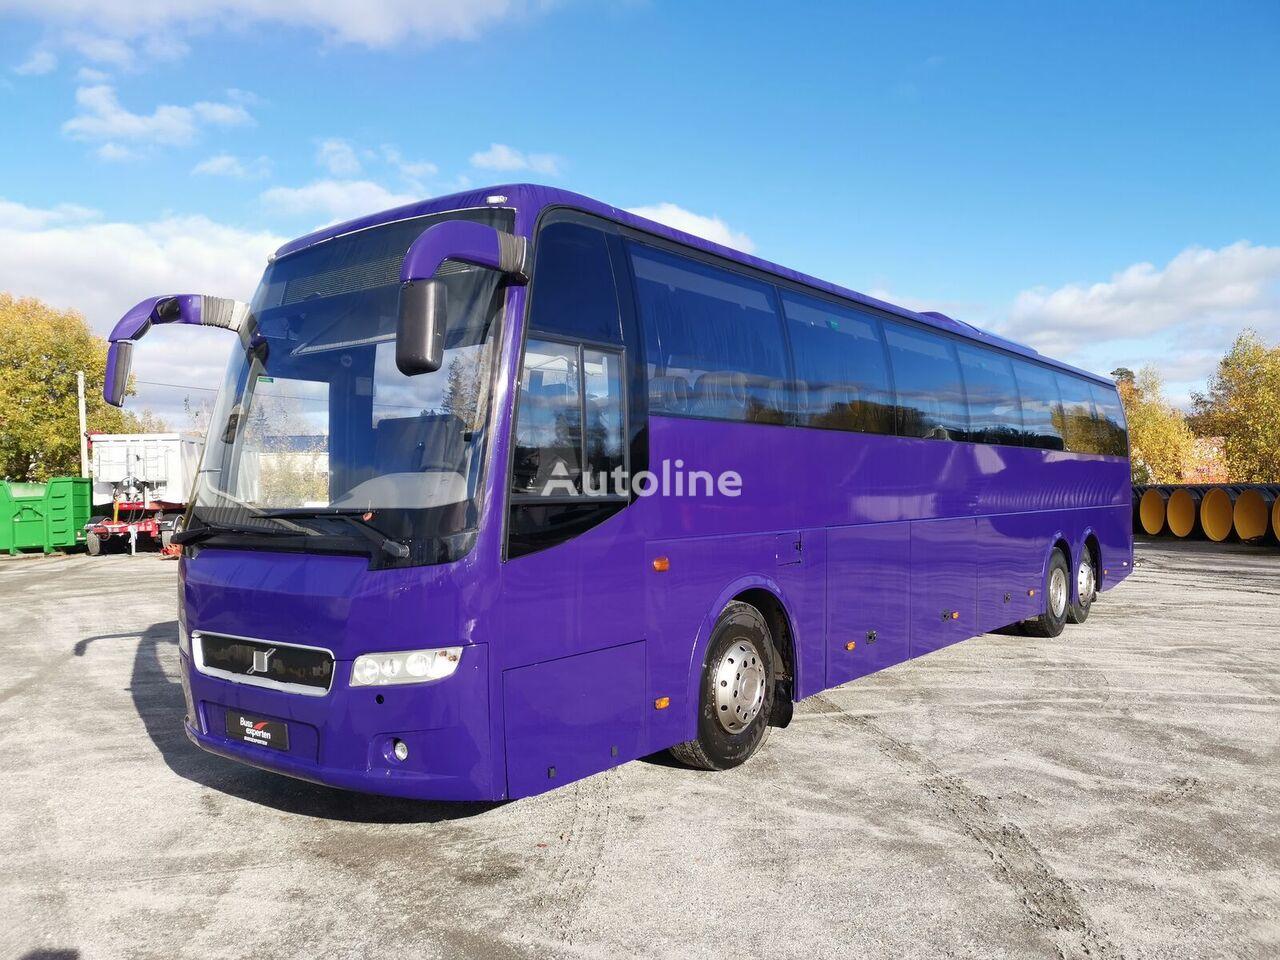 VOLVO B13R, 9700H. 13,8m, Euro 5 coach bus